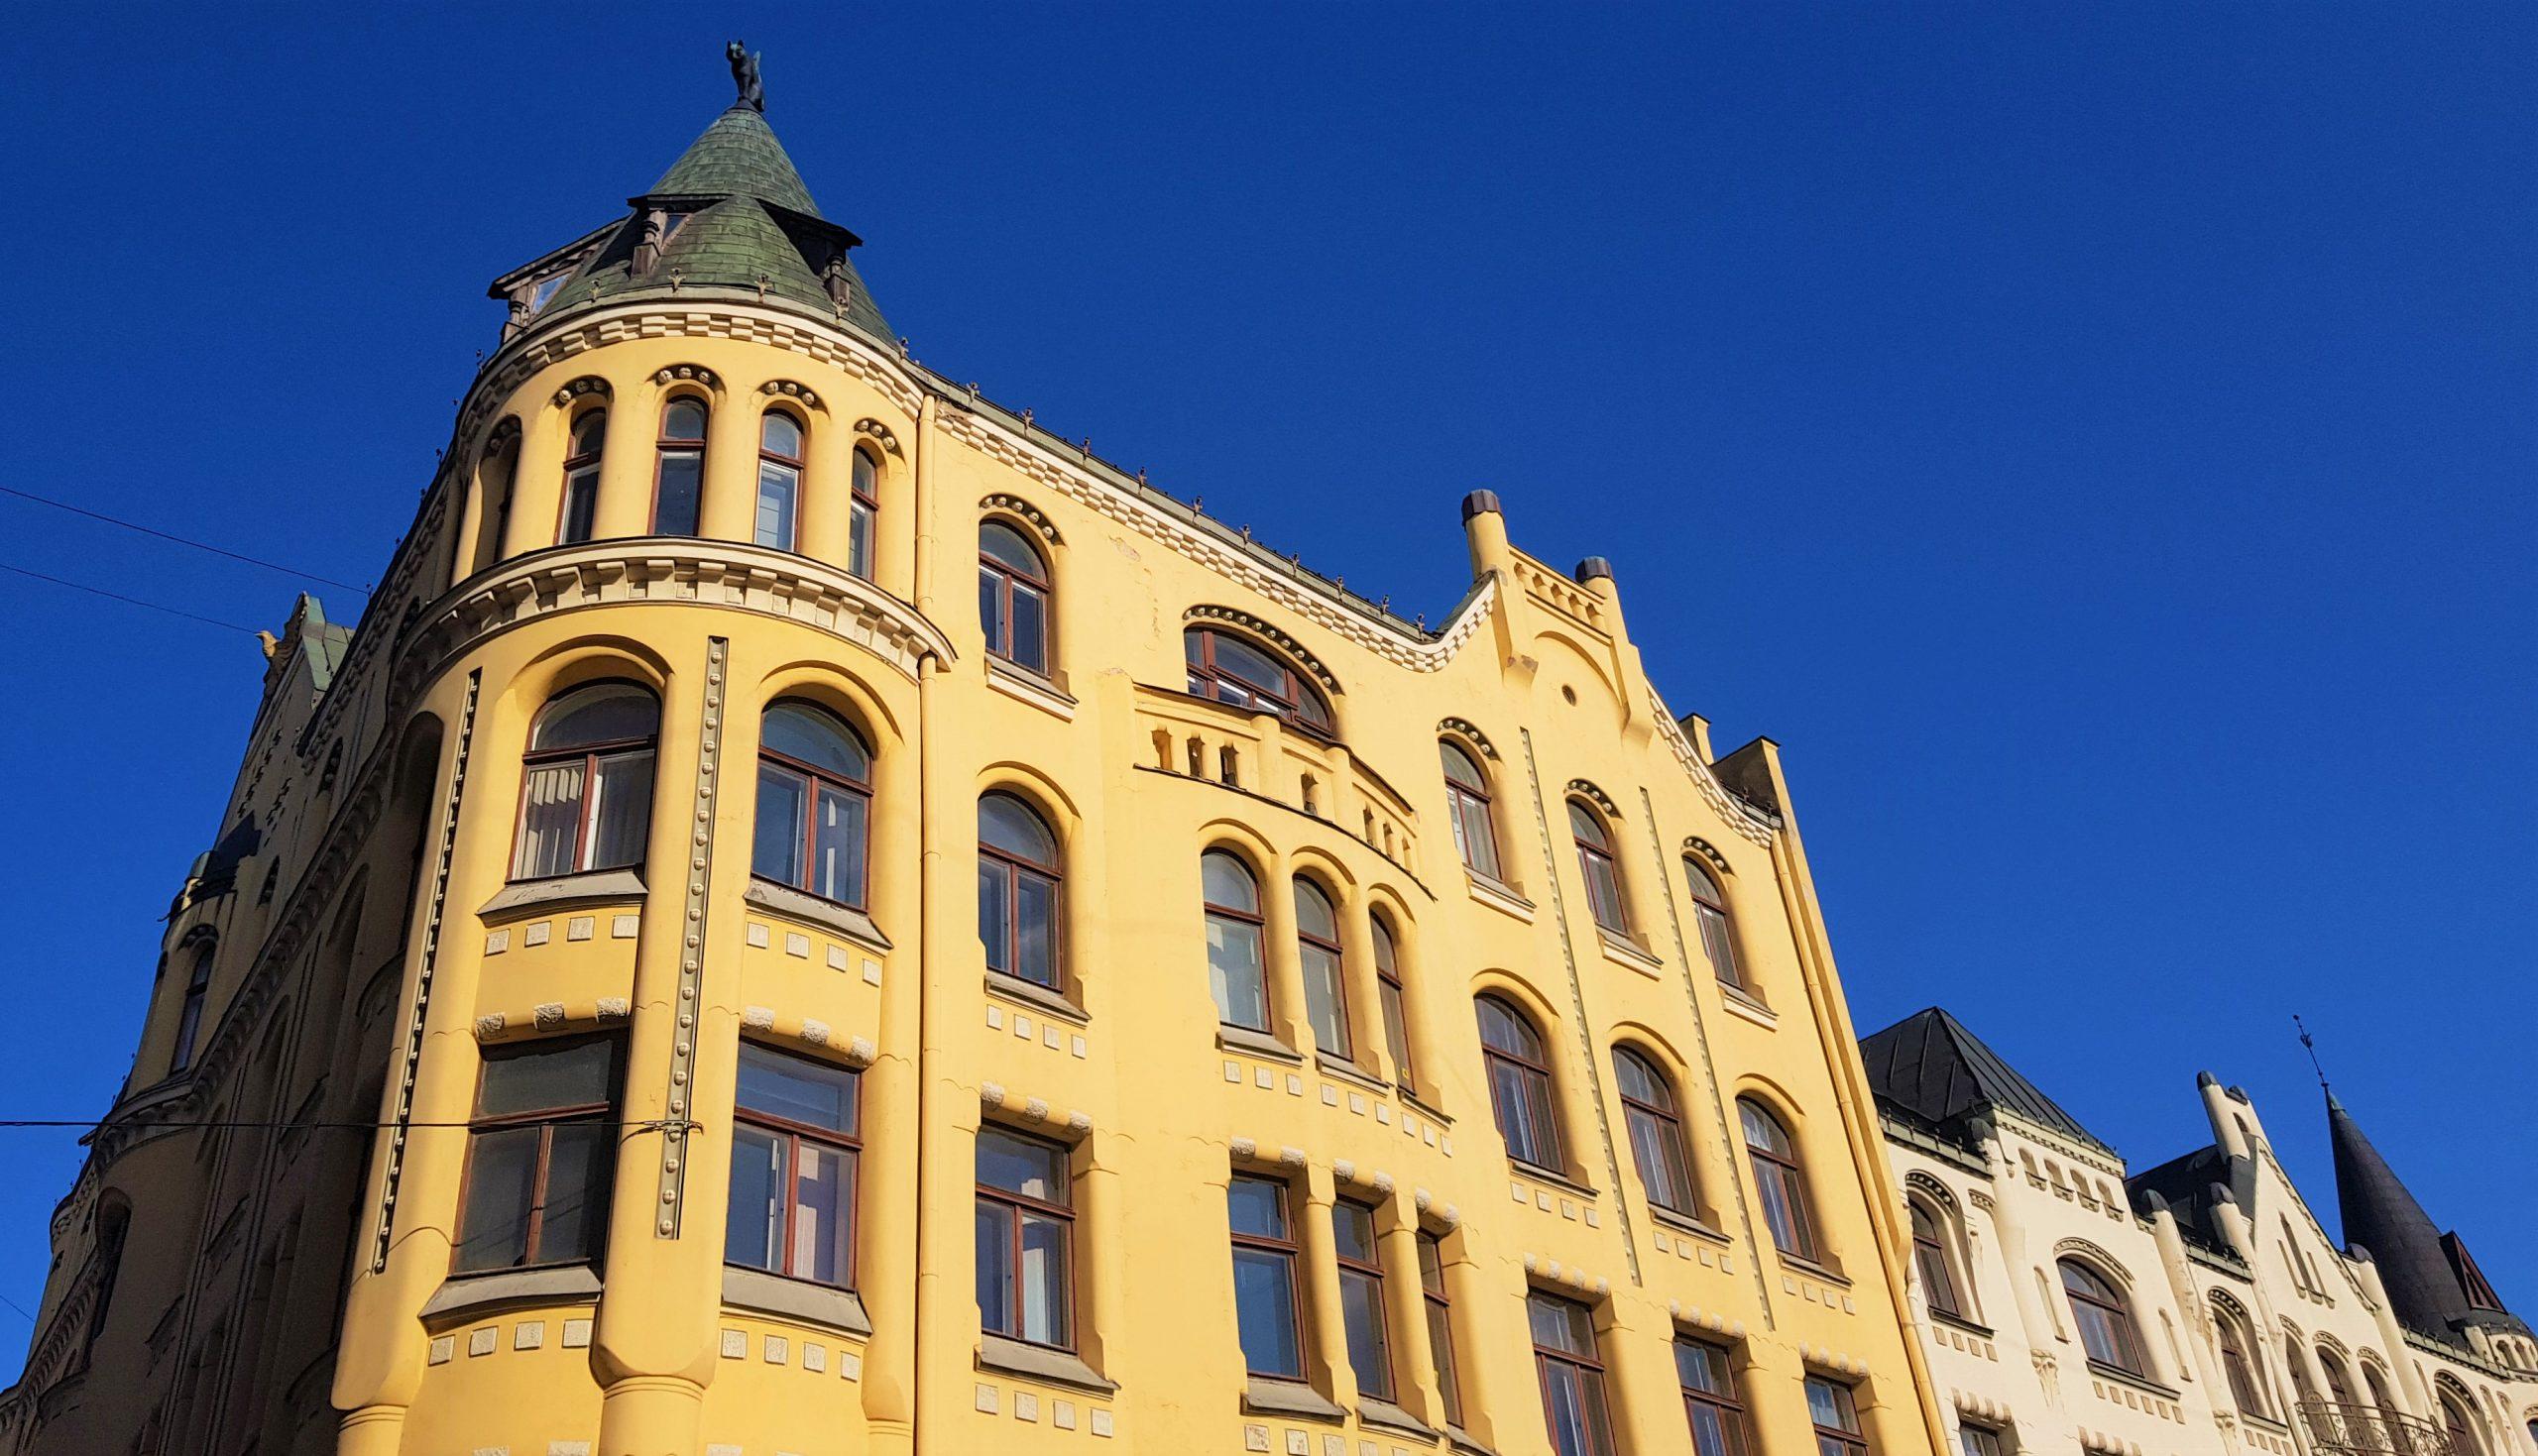 Edificio amarillo con varias esculturas de gatos coronando el tejado en Riga.